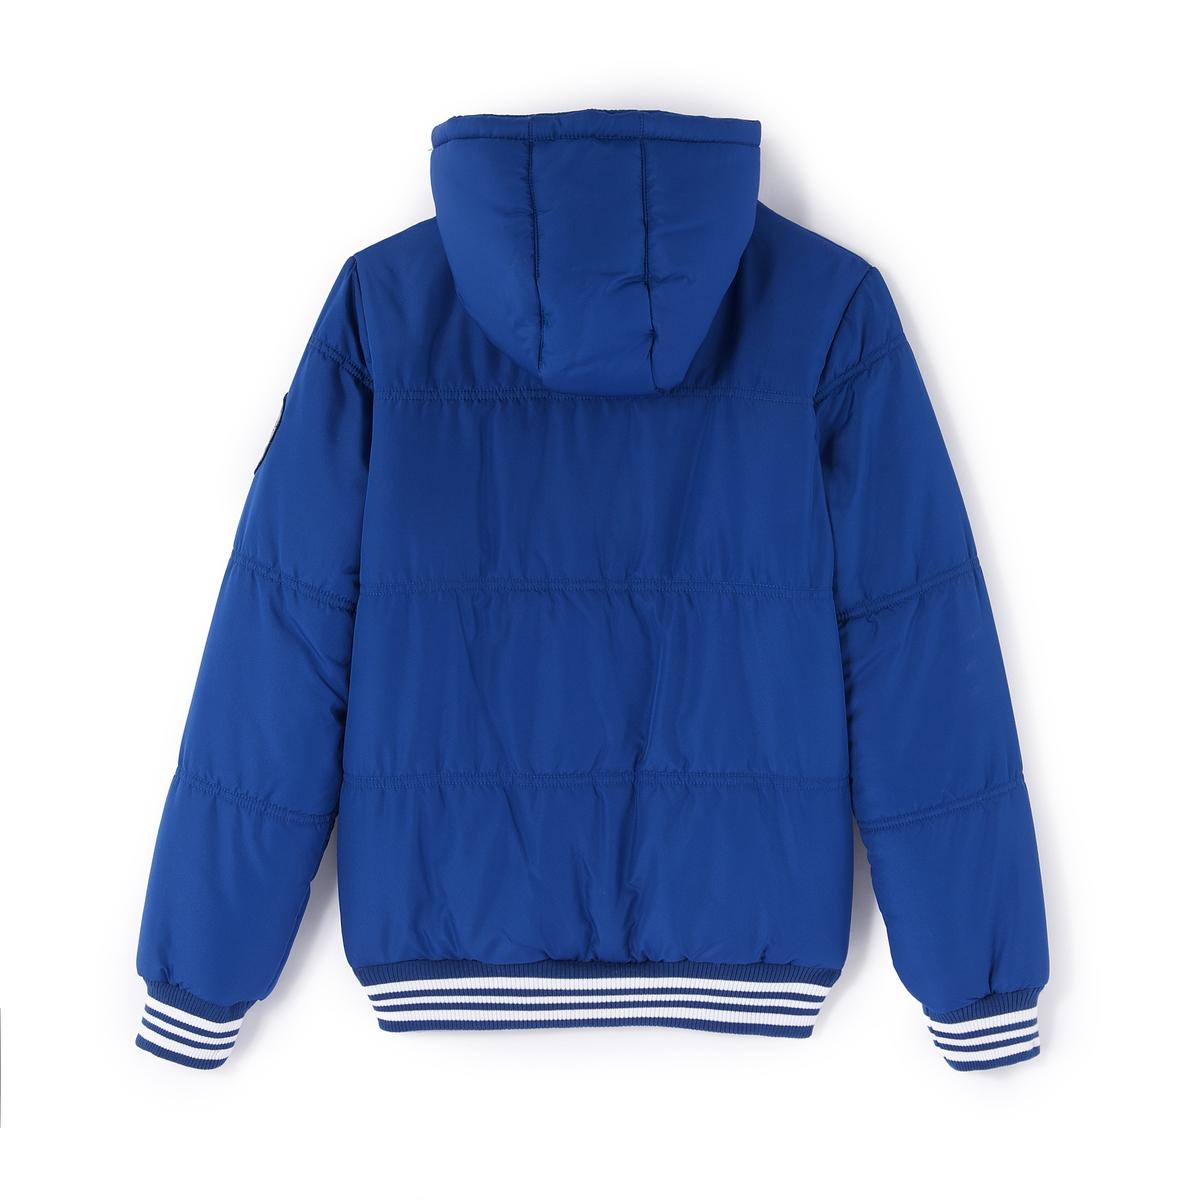 Куртка стеганая с капюшономСтеганая куртка из 100 % полиэстера с водоотталкивающим эффектом. На теплой подкладке. Удобный капюшон защитит от ветра и холода, застежка на кнопки. Вышивка на груди и нашивка на рукаве. 2 передних кармана. Края связаны в рубчик.<br><br>Цвет: черный<br>Размер: 14 лет - 162 см.12 лет -150 см.16 лет - 174 см.10 лет - 138 см